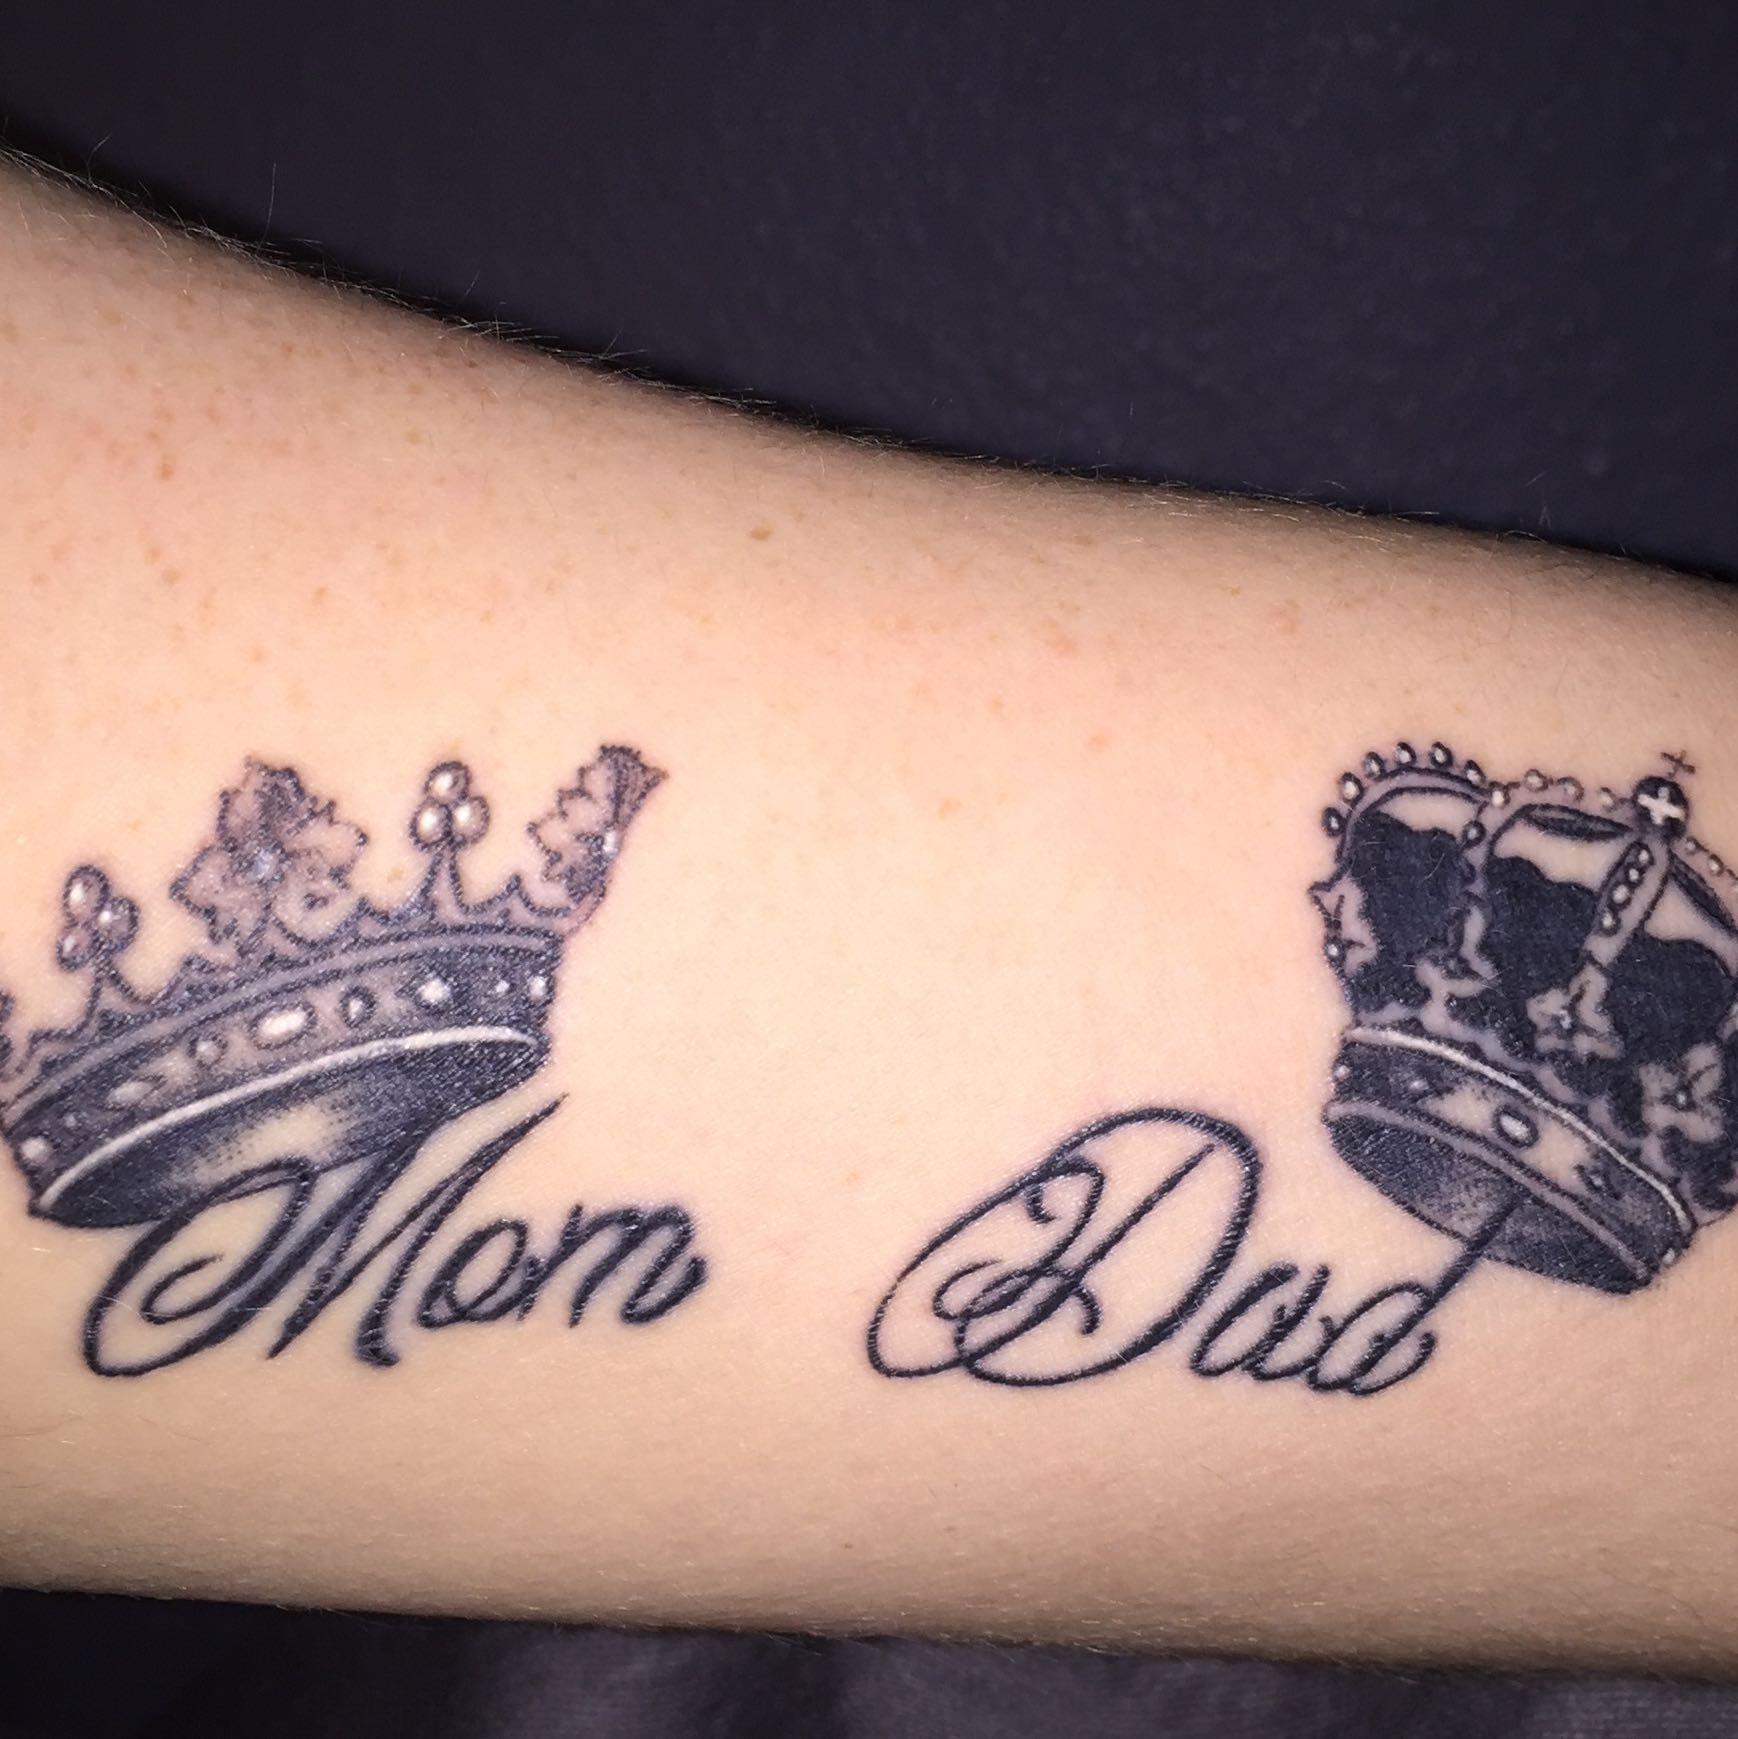 Tattoo zu tief gestochen. Was kann ich tun? (tätowieren